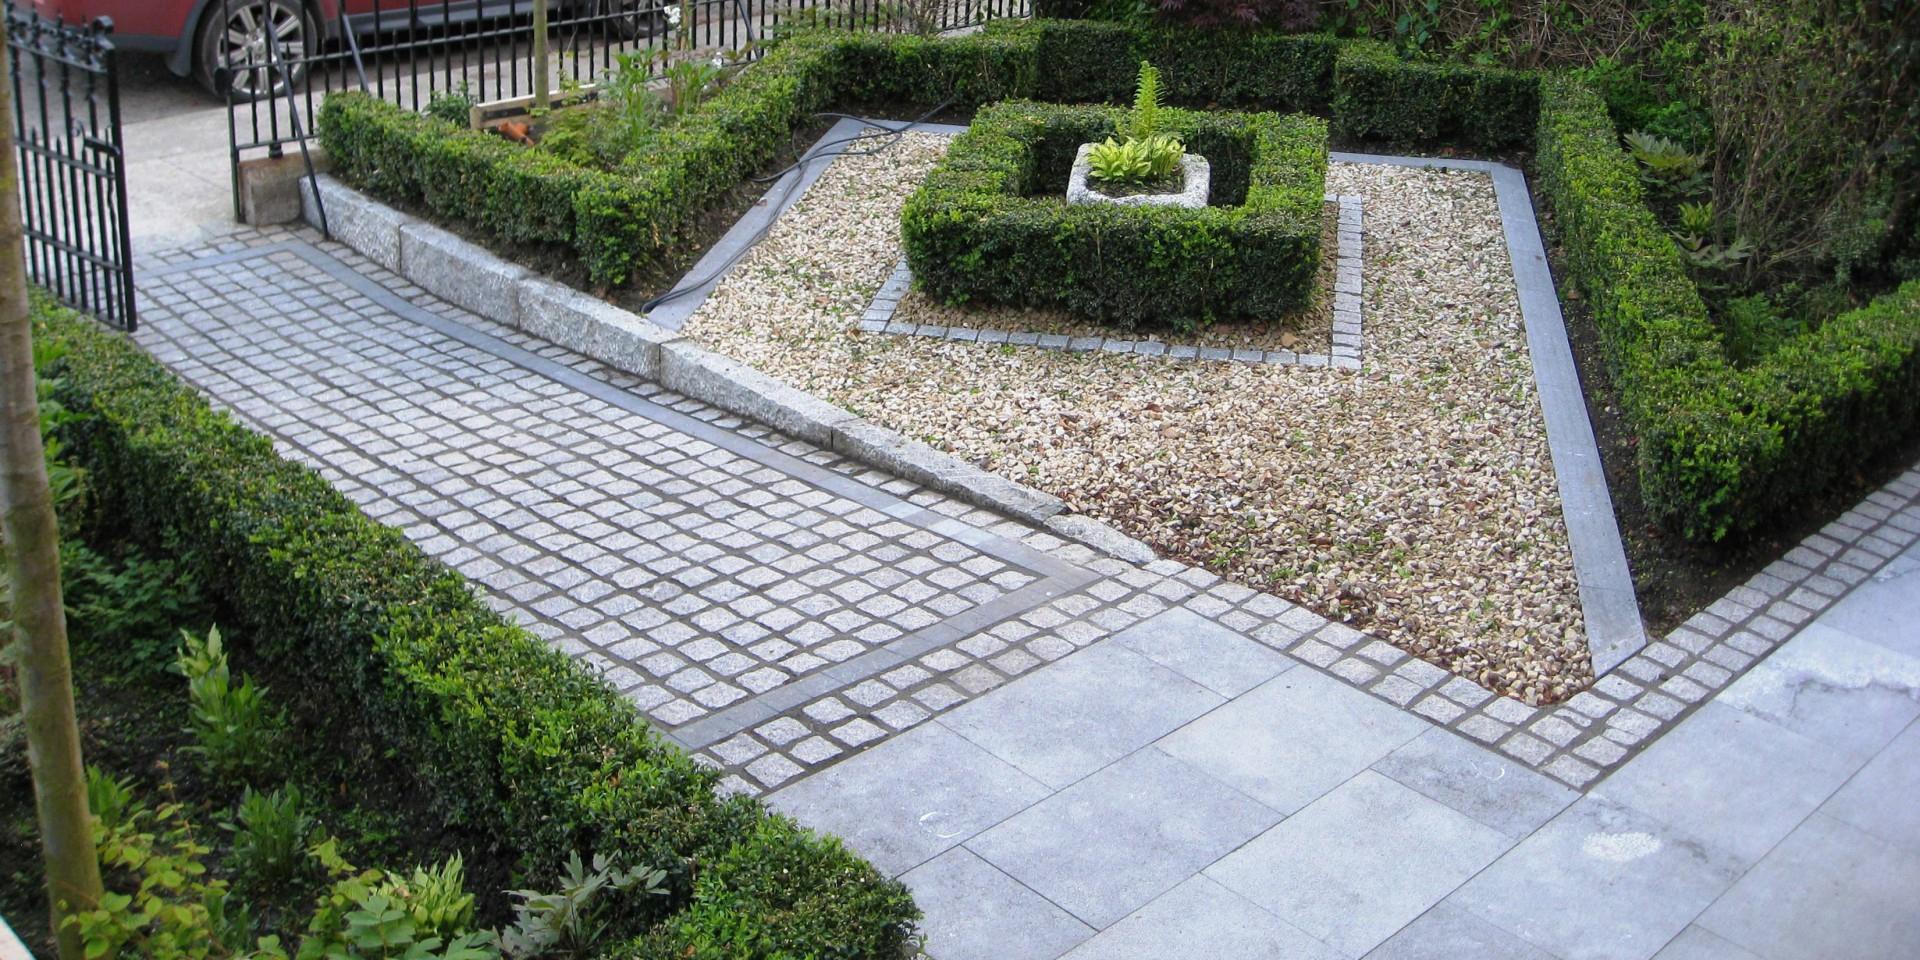 Prix D'un Gravier Stabilisé | Coût Moyen & Tarif De Pose tout Terrasse En Cailloux